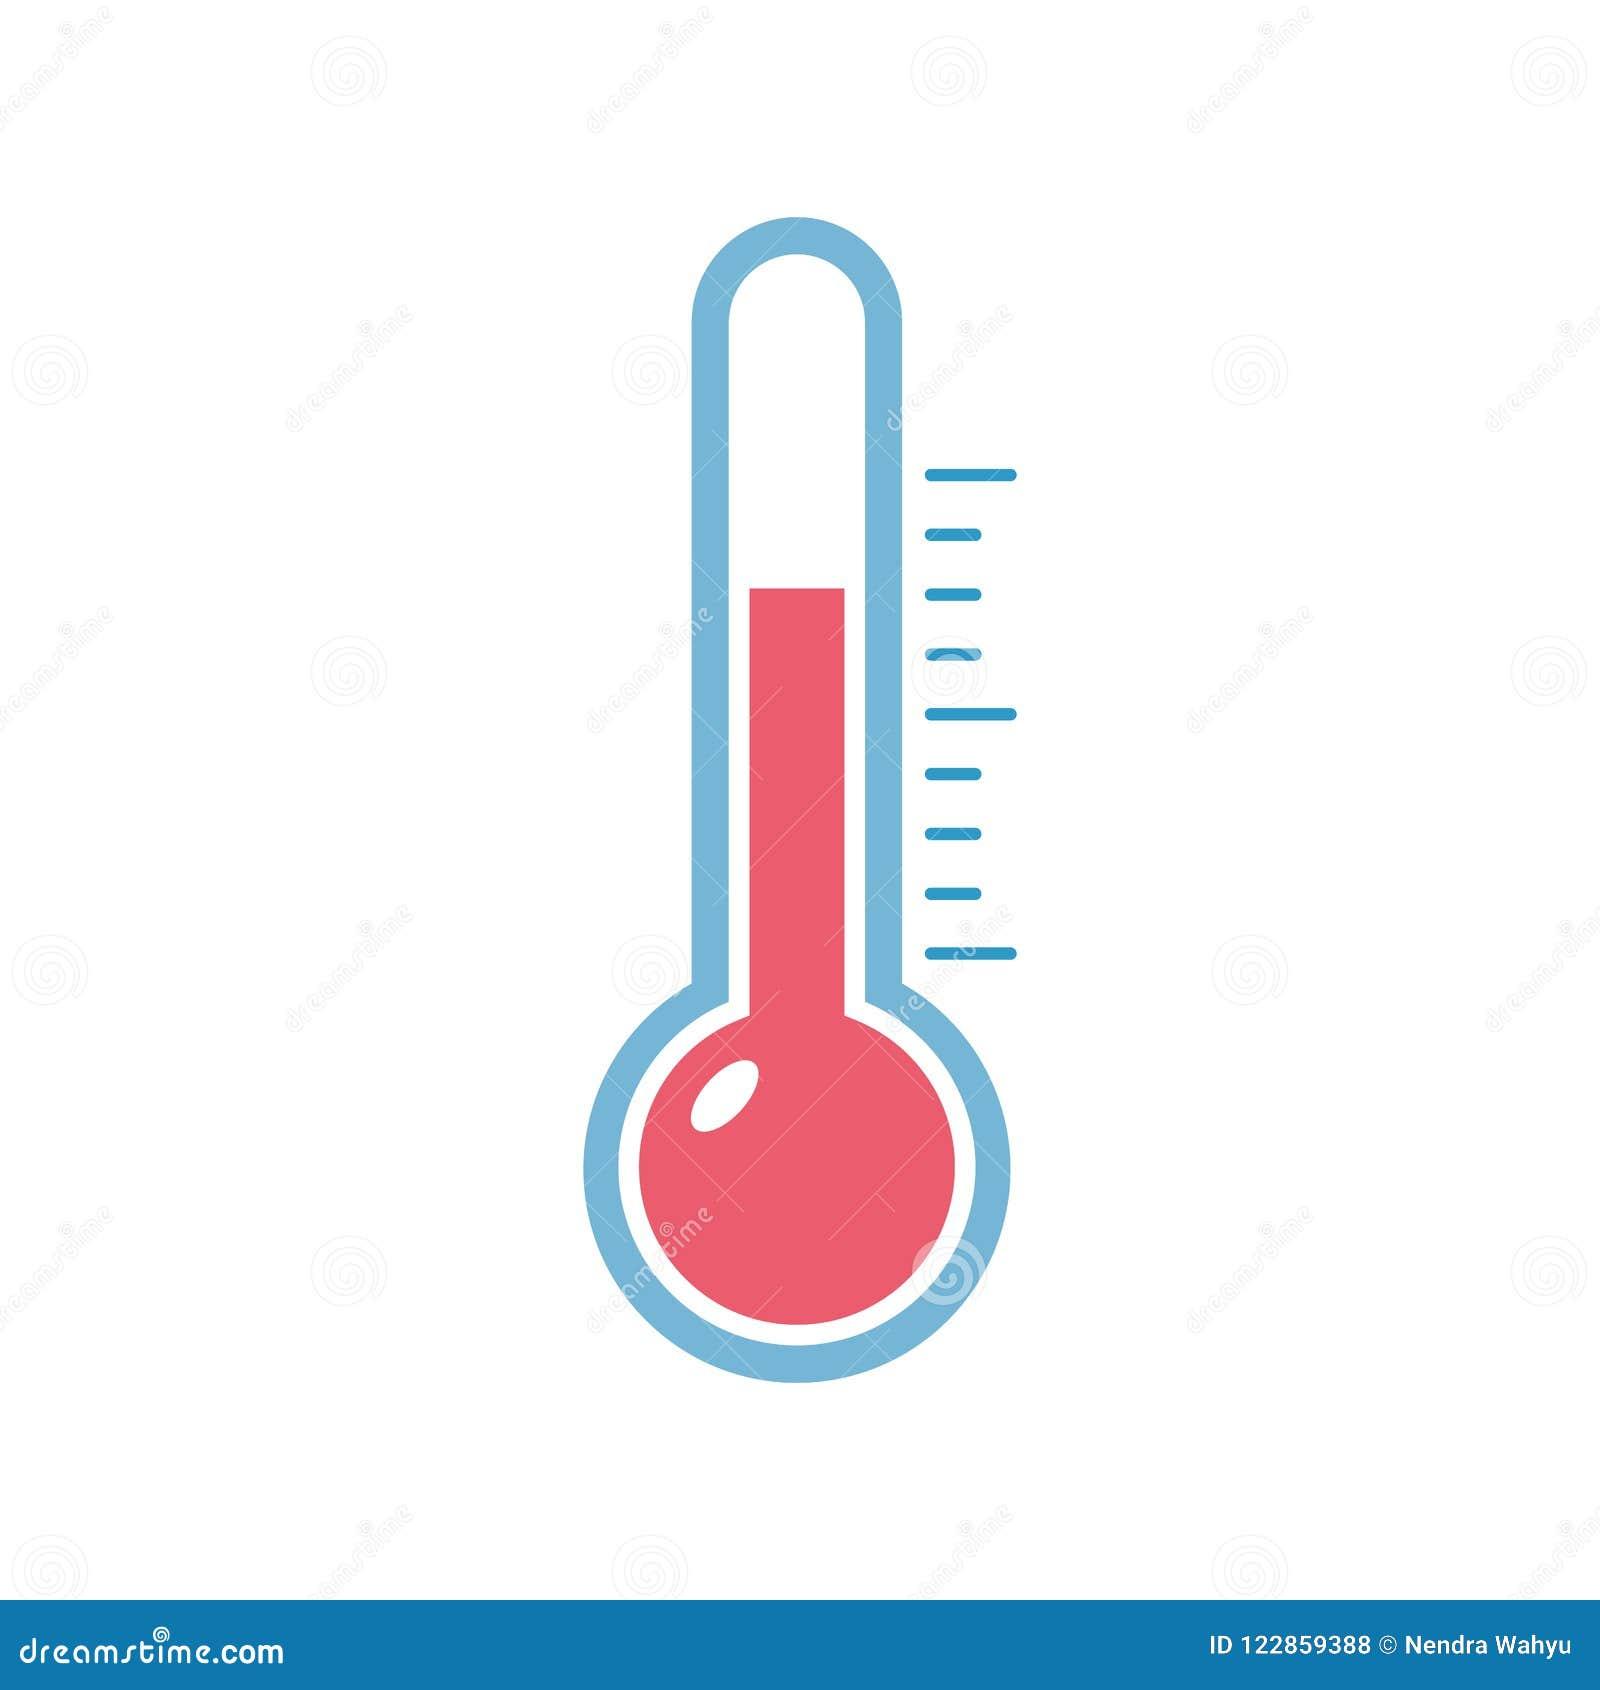 Icono Minimalista Plano Del Calor Del Termometro Ilustracion Del Vector Ilustracion De Plano Icono 122859388 Desde su invención ha evolucionado mucho, principalmente a partir del desarrollo de los termómetros digitales. icono minimalista plano del calor del